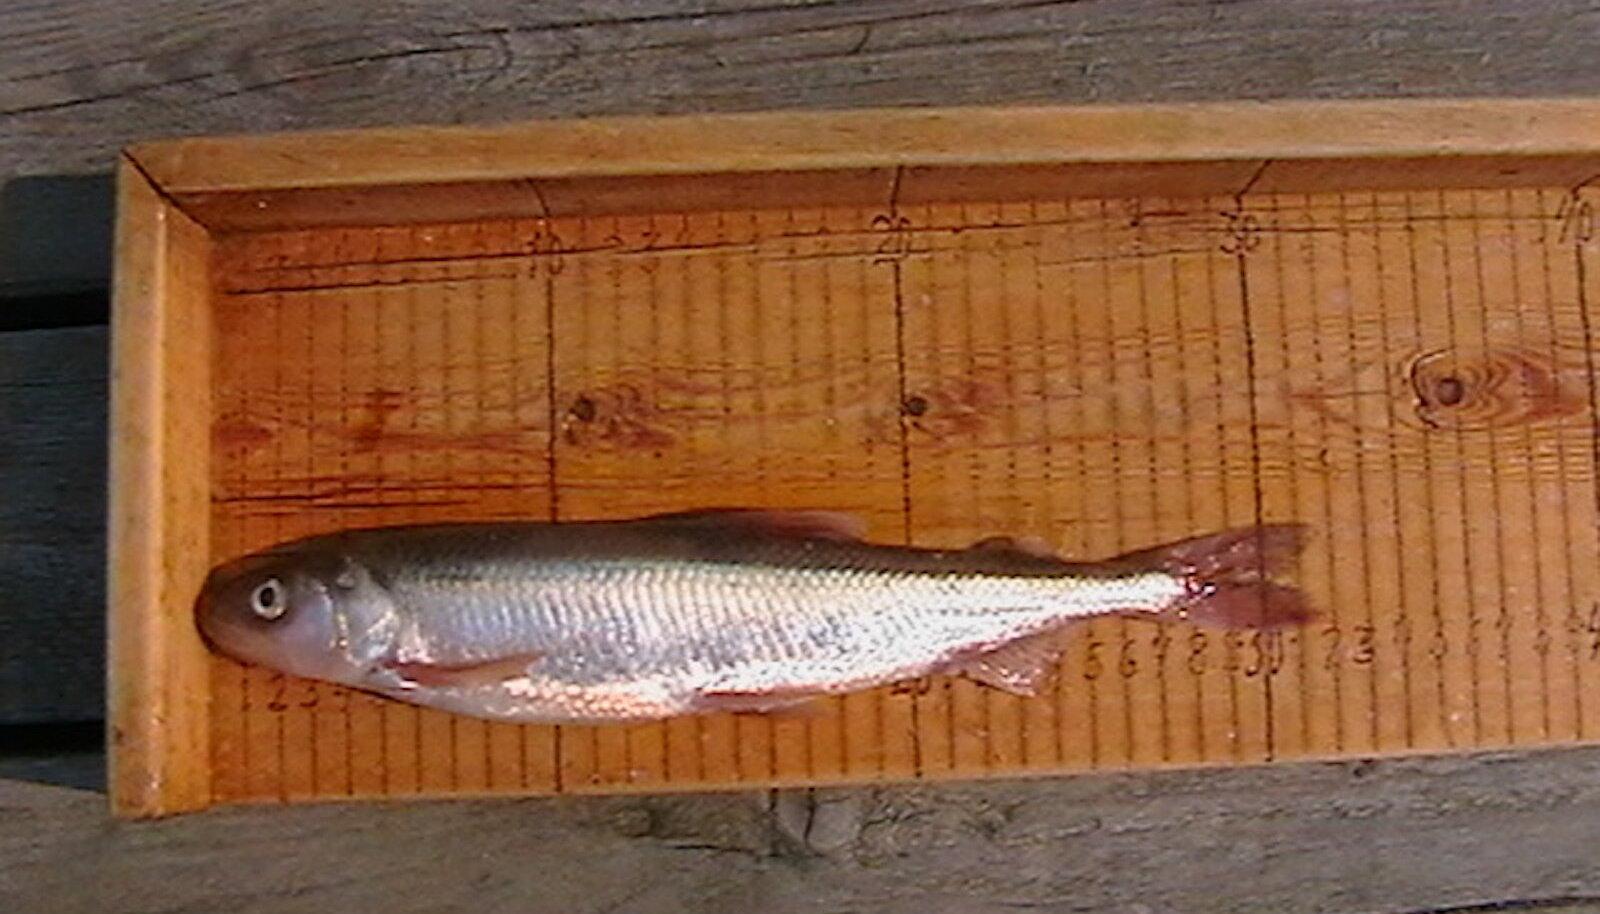 Pärnu lahest püütud meritint. Kõige suurem meritint püüti 2006. aastal ja selle pikkuseks oli 32 cm.